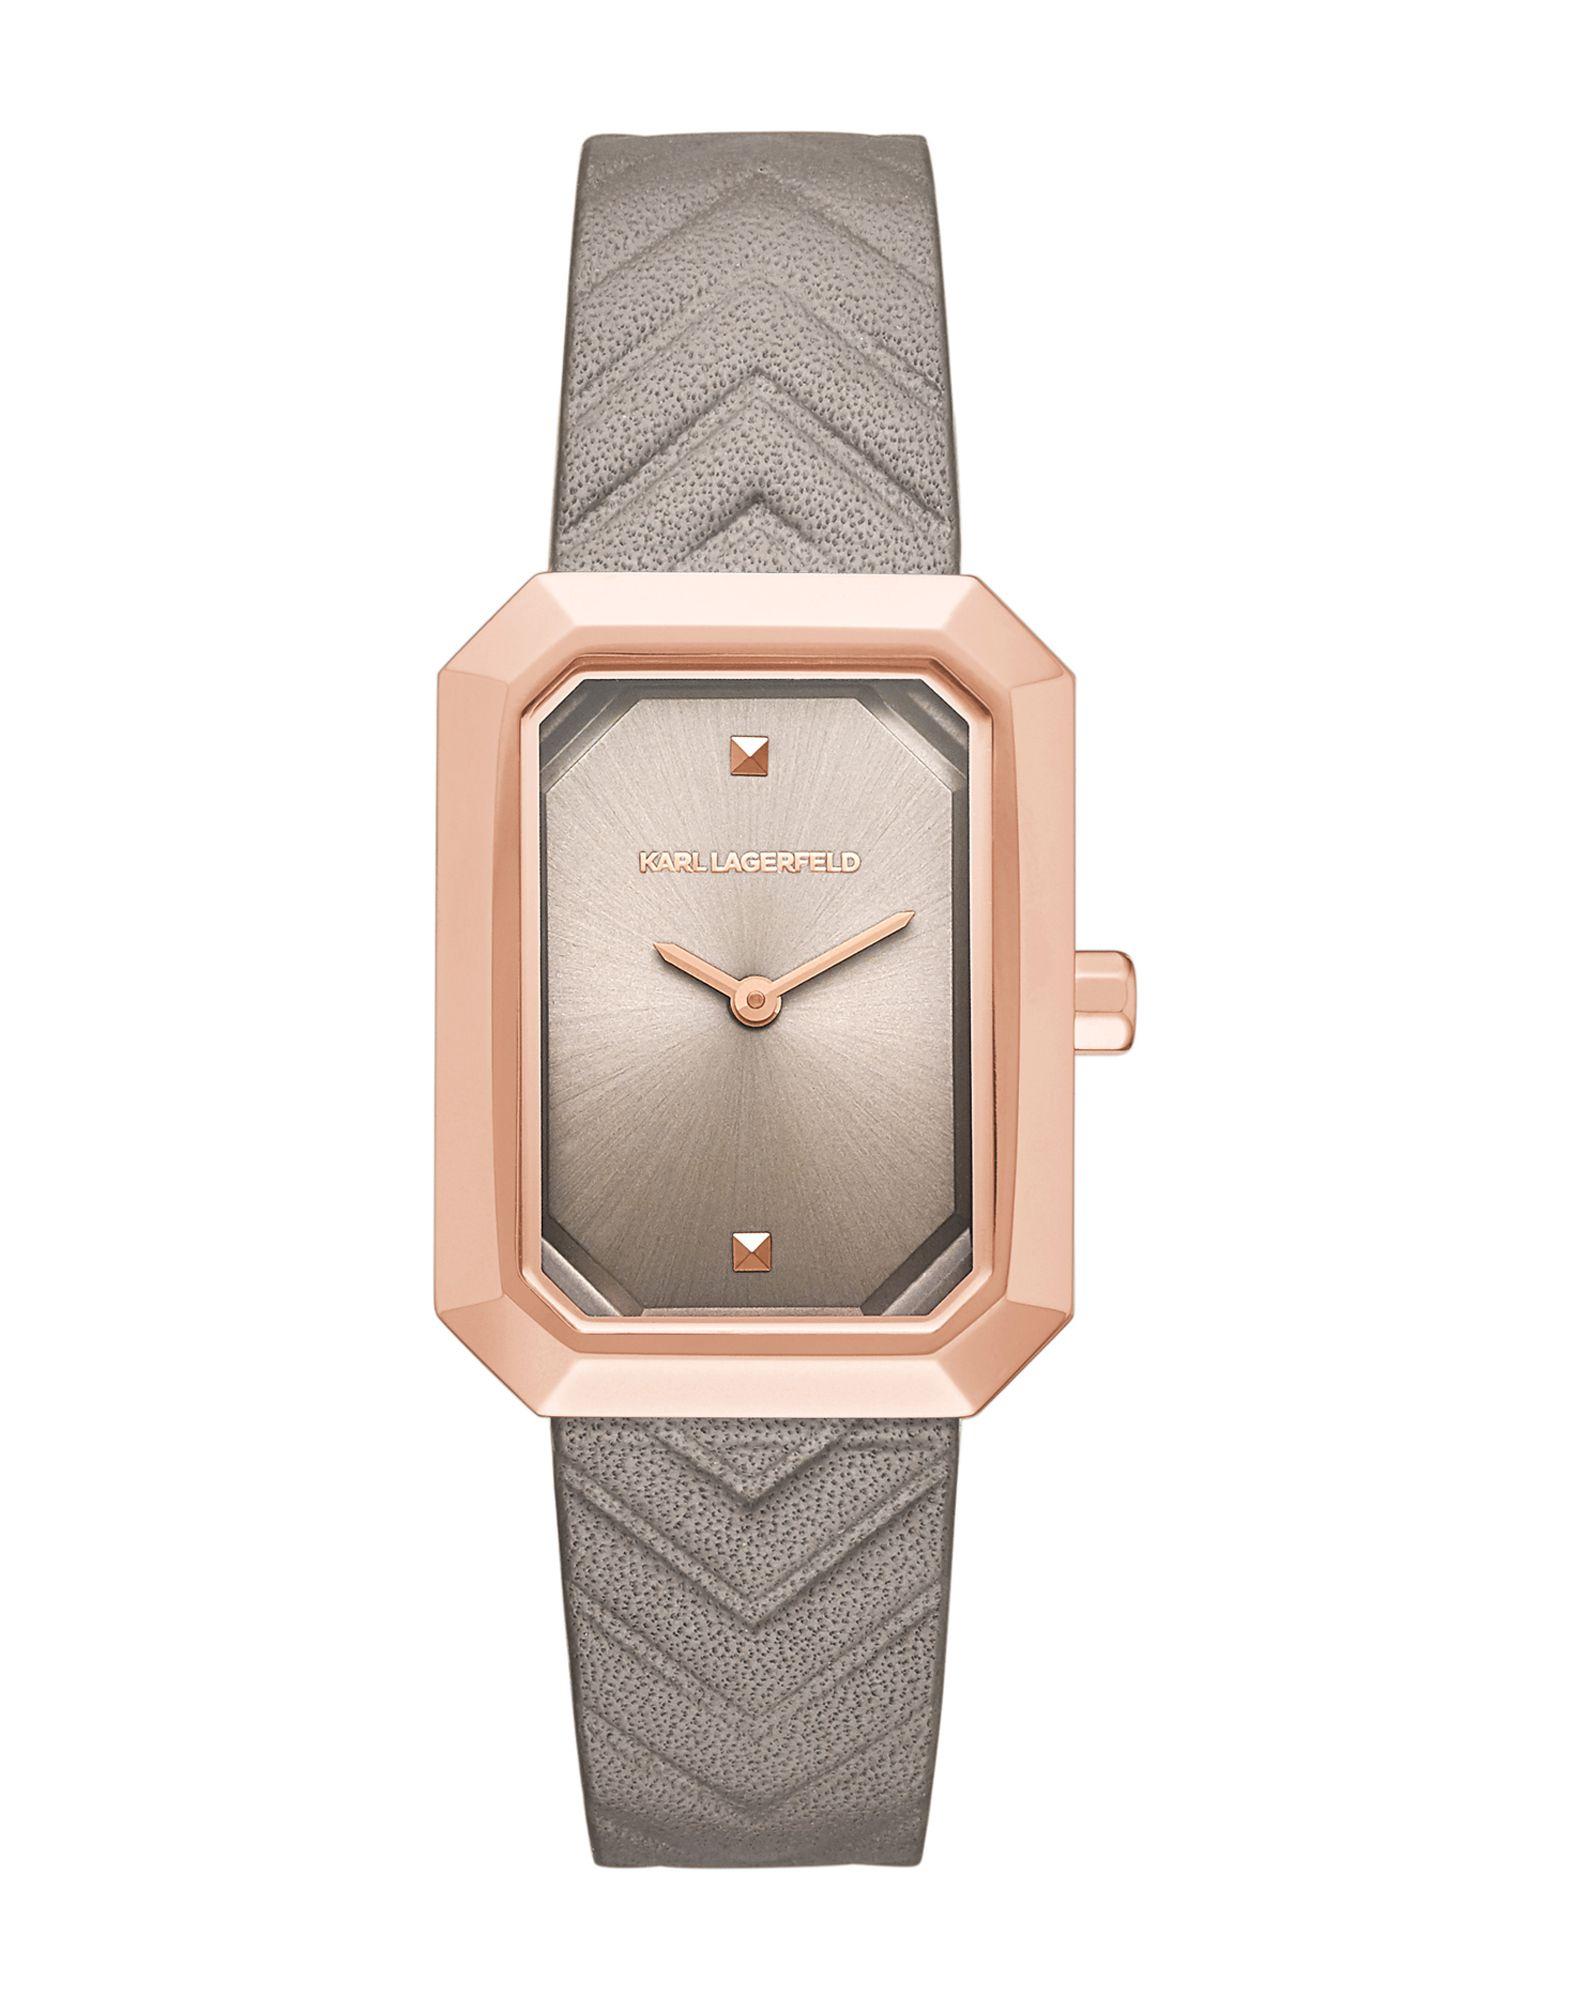 Orologio Da Polso Karl Lagerfeld Linda - Donna - Acquista online su